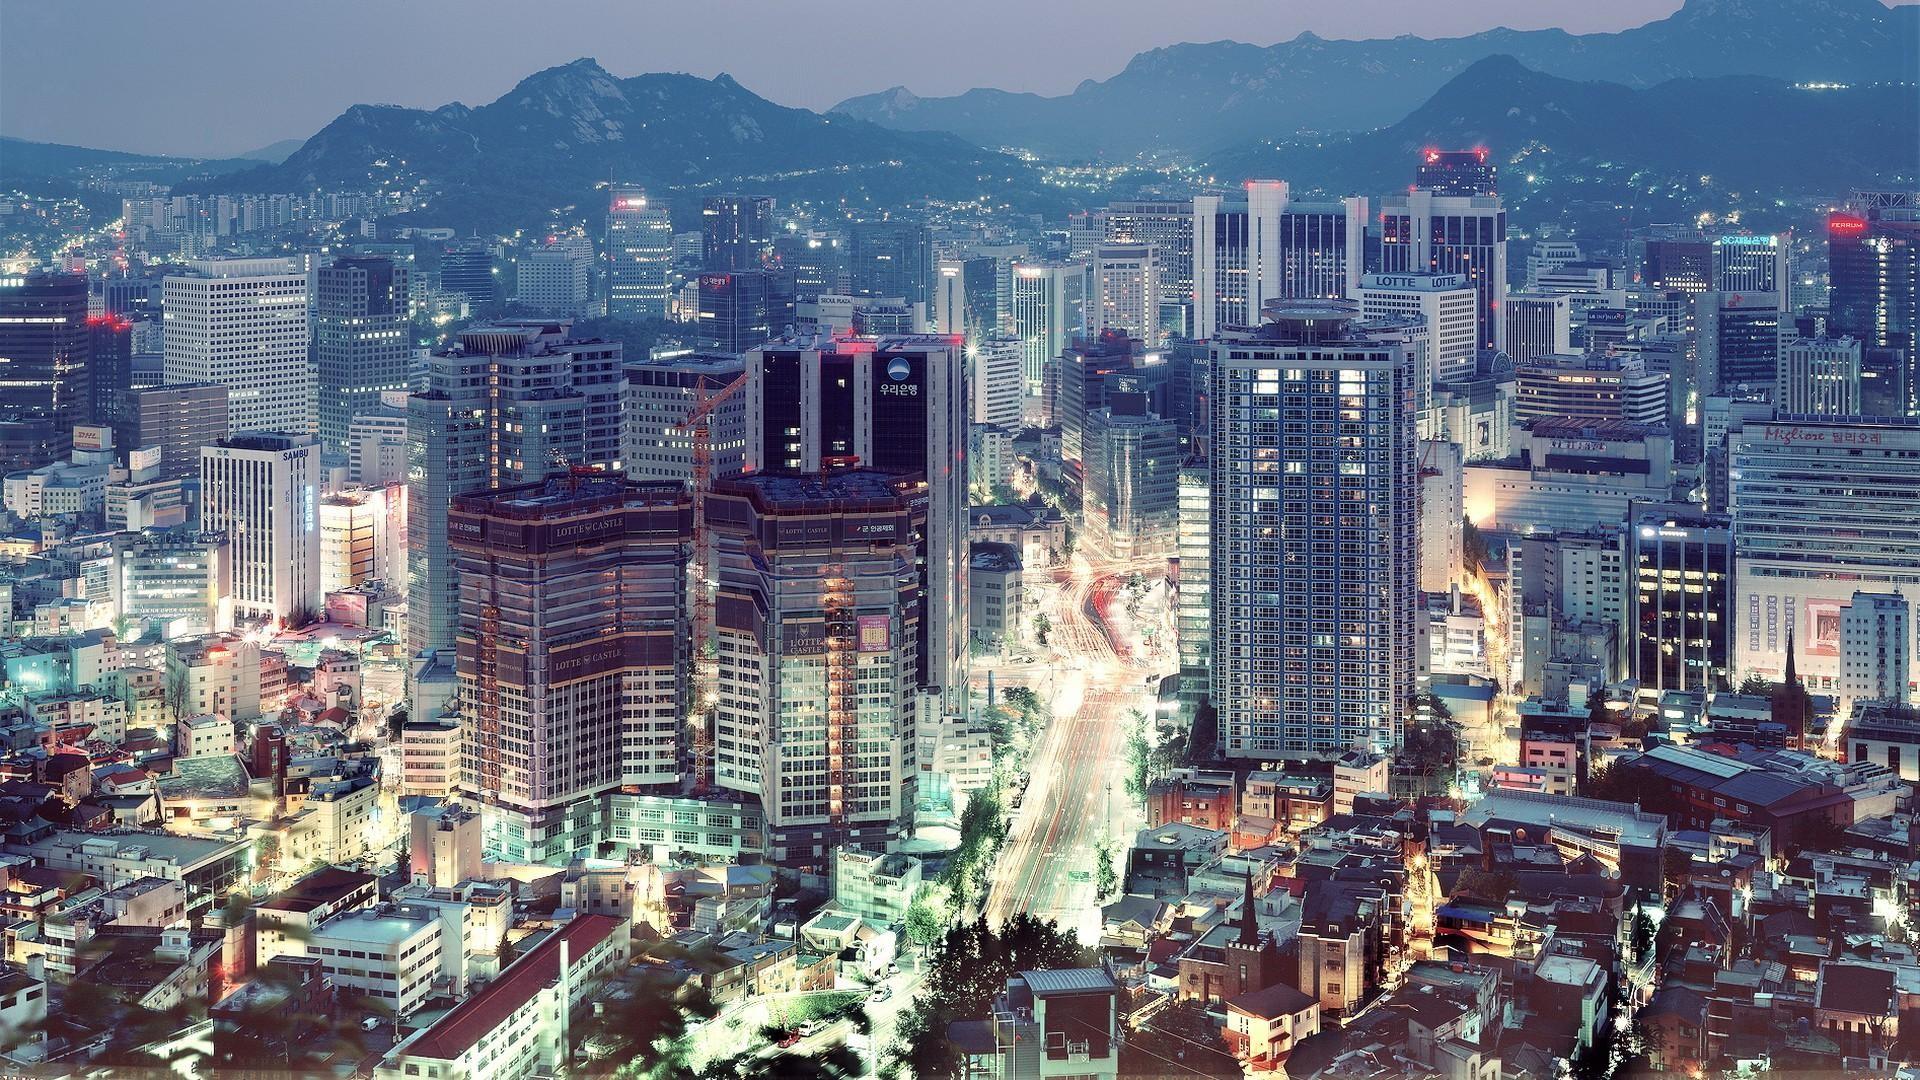 … Seoul Wallpaper Seoul Wallpaper